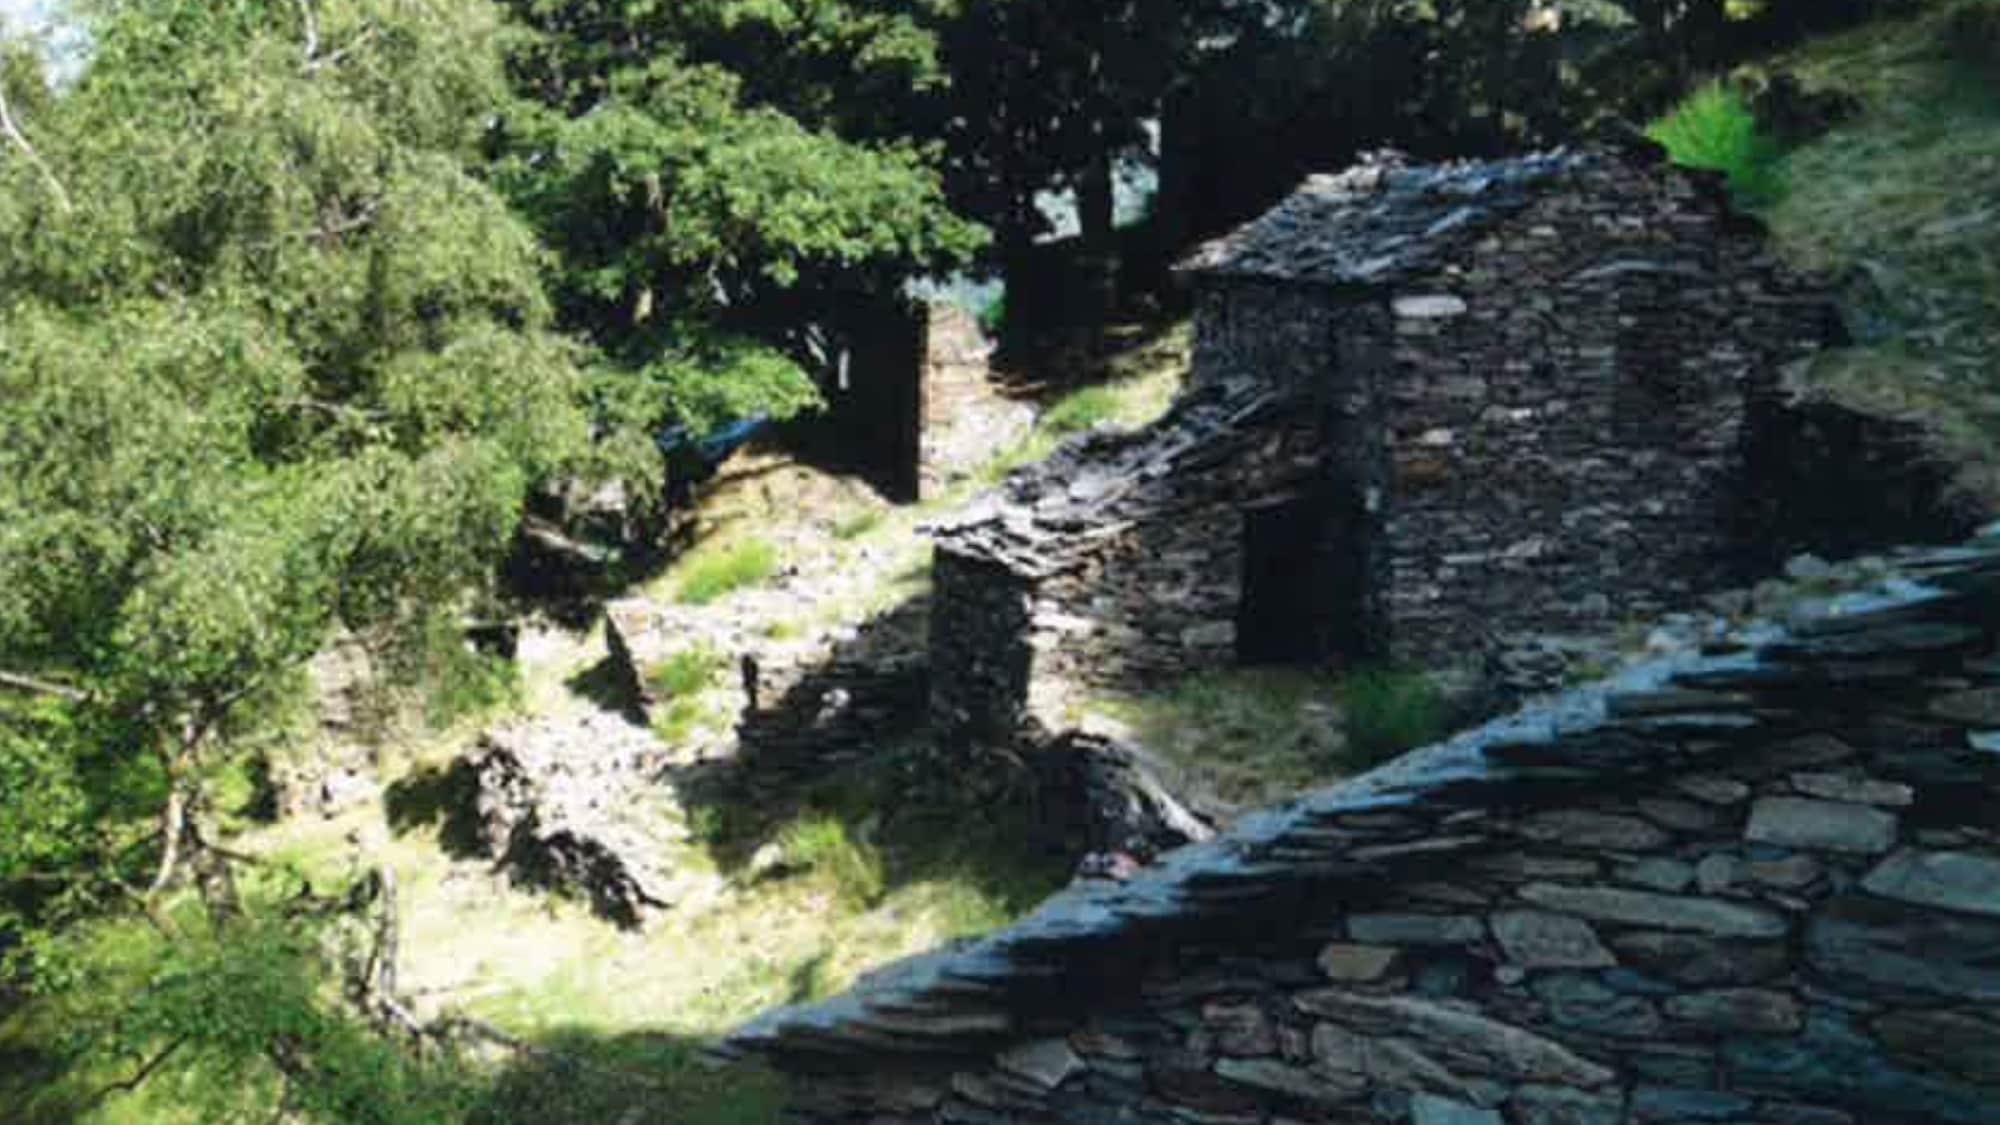 Verlockendes Angebot mit einem Haken: Tessiner Gemeinde will Steinhäuser für 1 Franken verkaufen